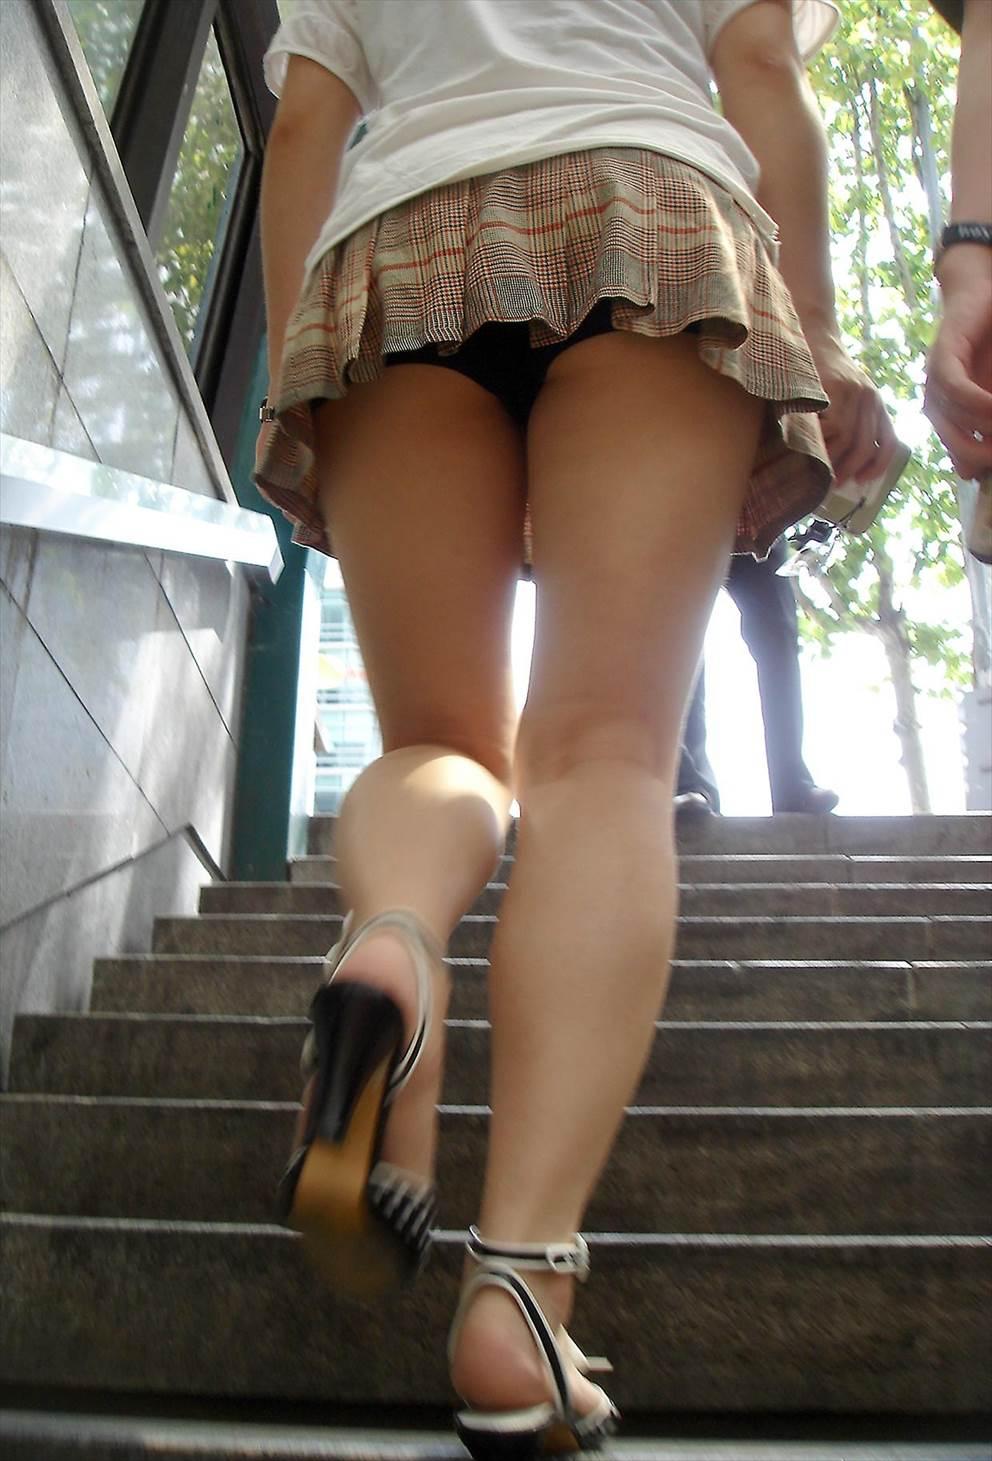 【パンチラエロ画像】隙だらけの斜め下から覗き見上げてローアングル!(;^ω^)